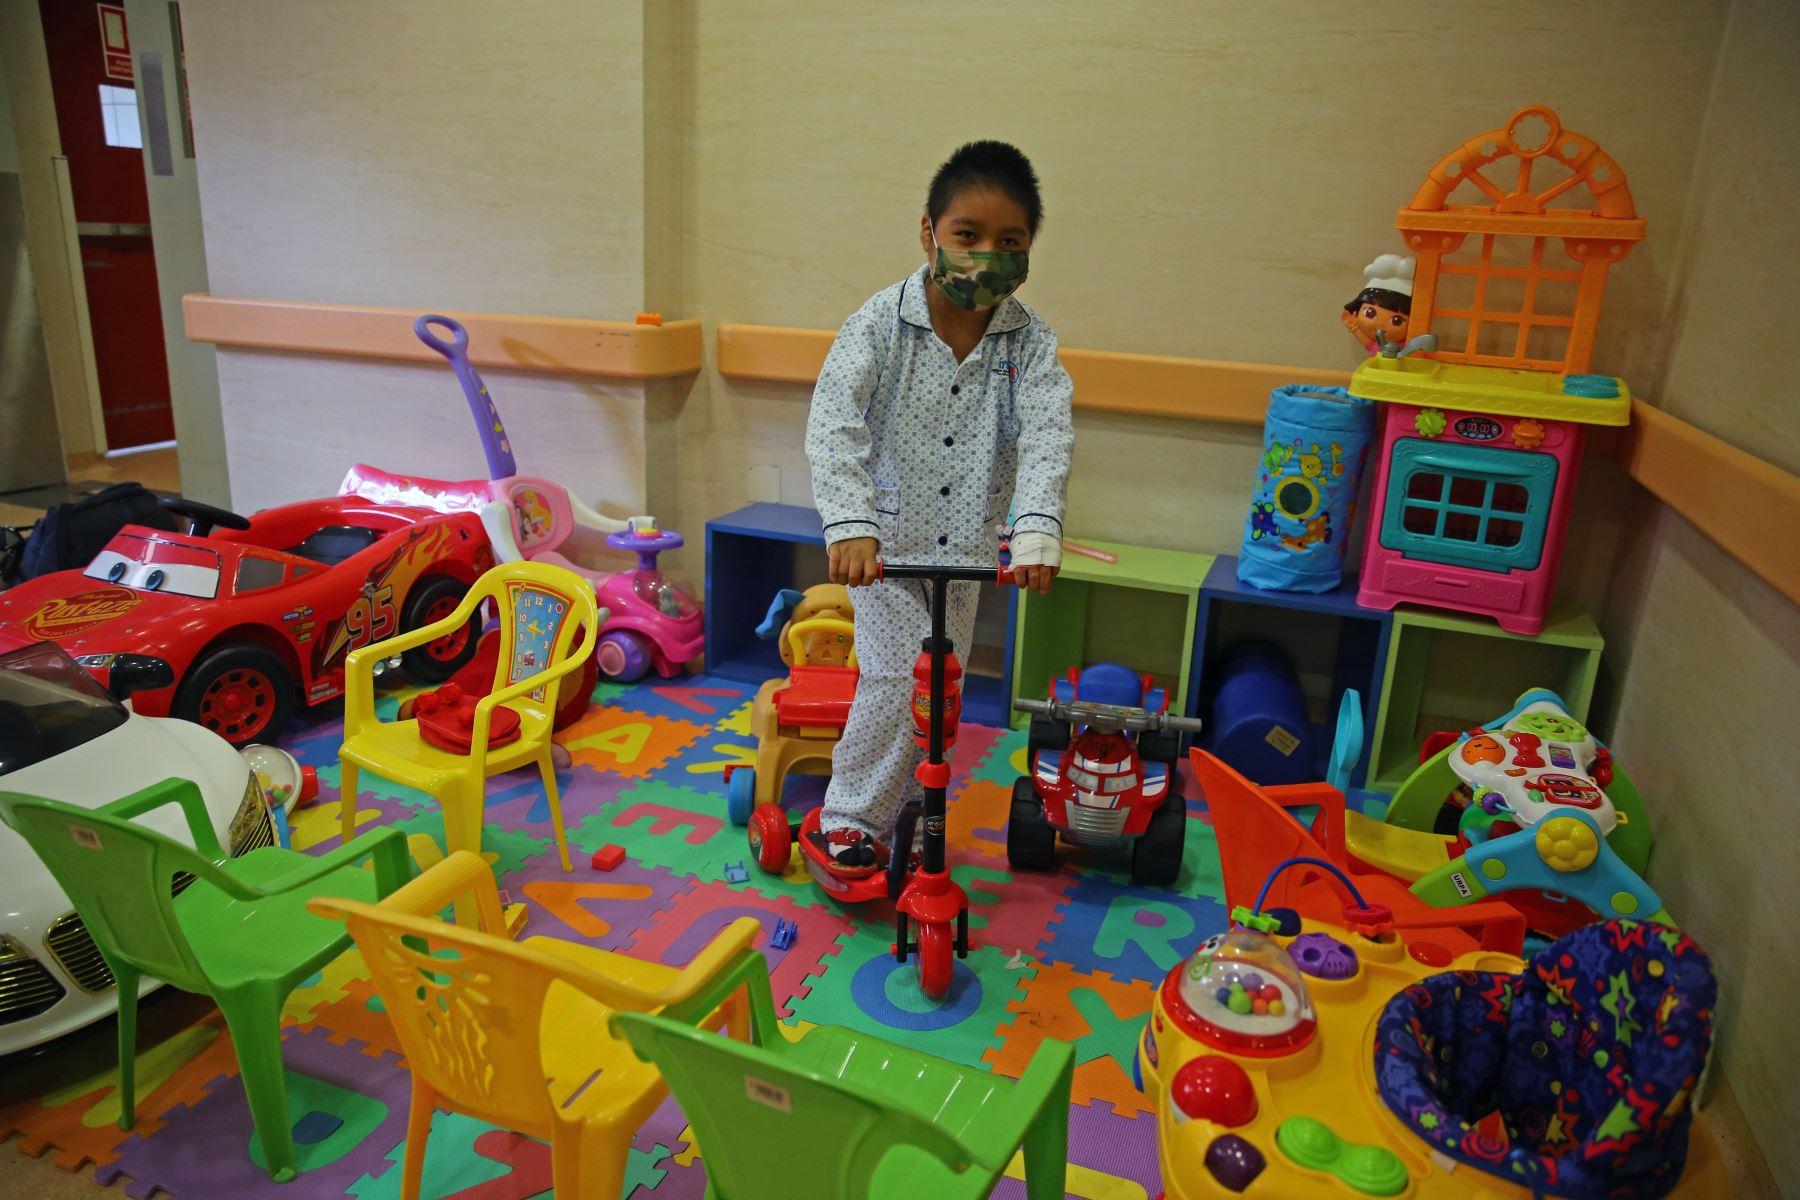 El Instituto Nacional de Salud del Niño de San Borja (INSN -SB) se fortalece como centro de donación y trasplante de órganos pues cuenta con un equipo humano altamente calificado. Foto: ANDINA/Vidal TarquiANDINA/Vidal Tarqui